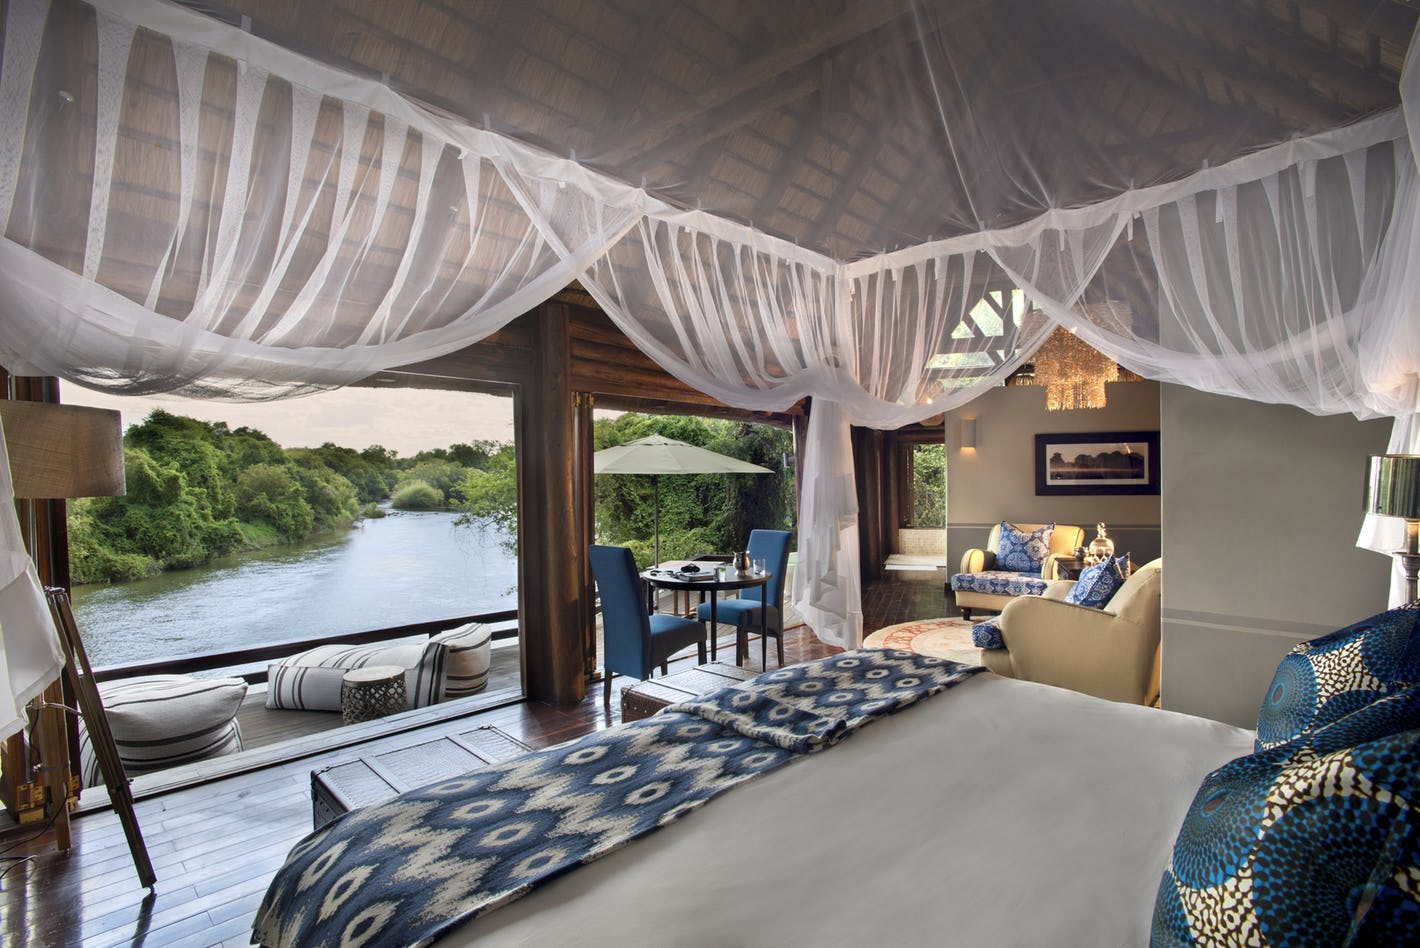 Best lodges in Zambia